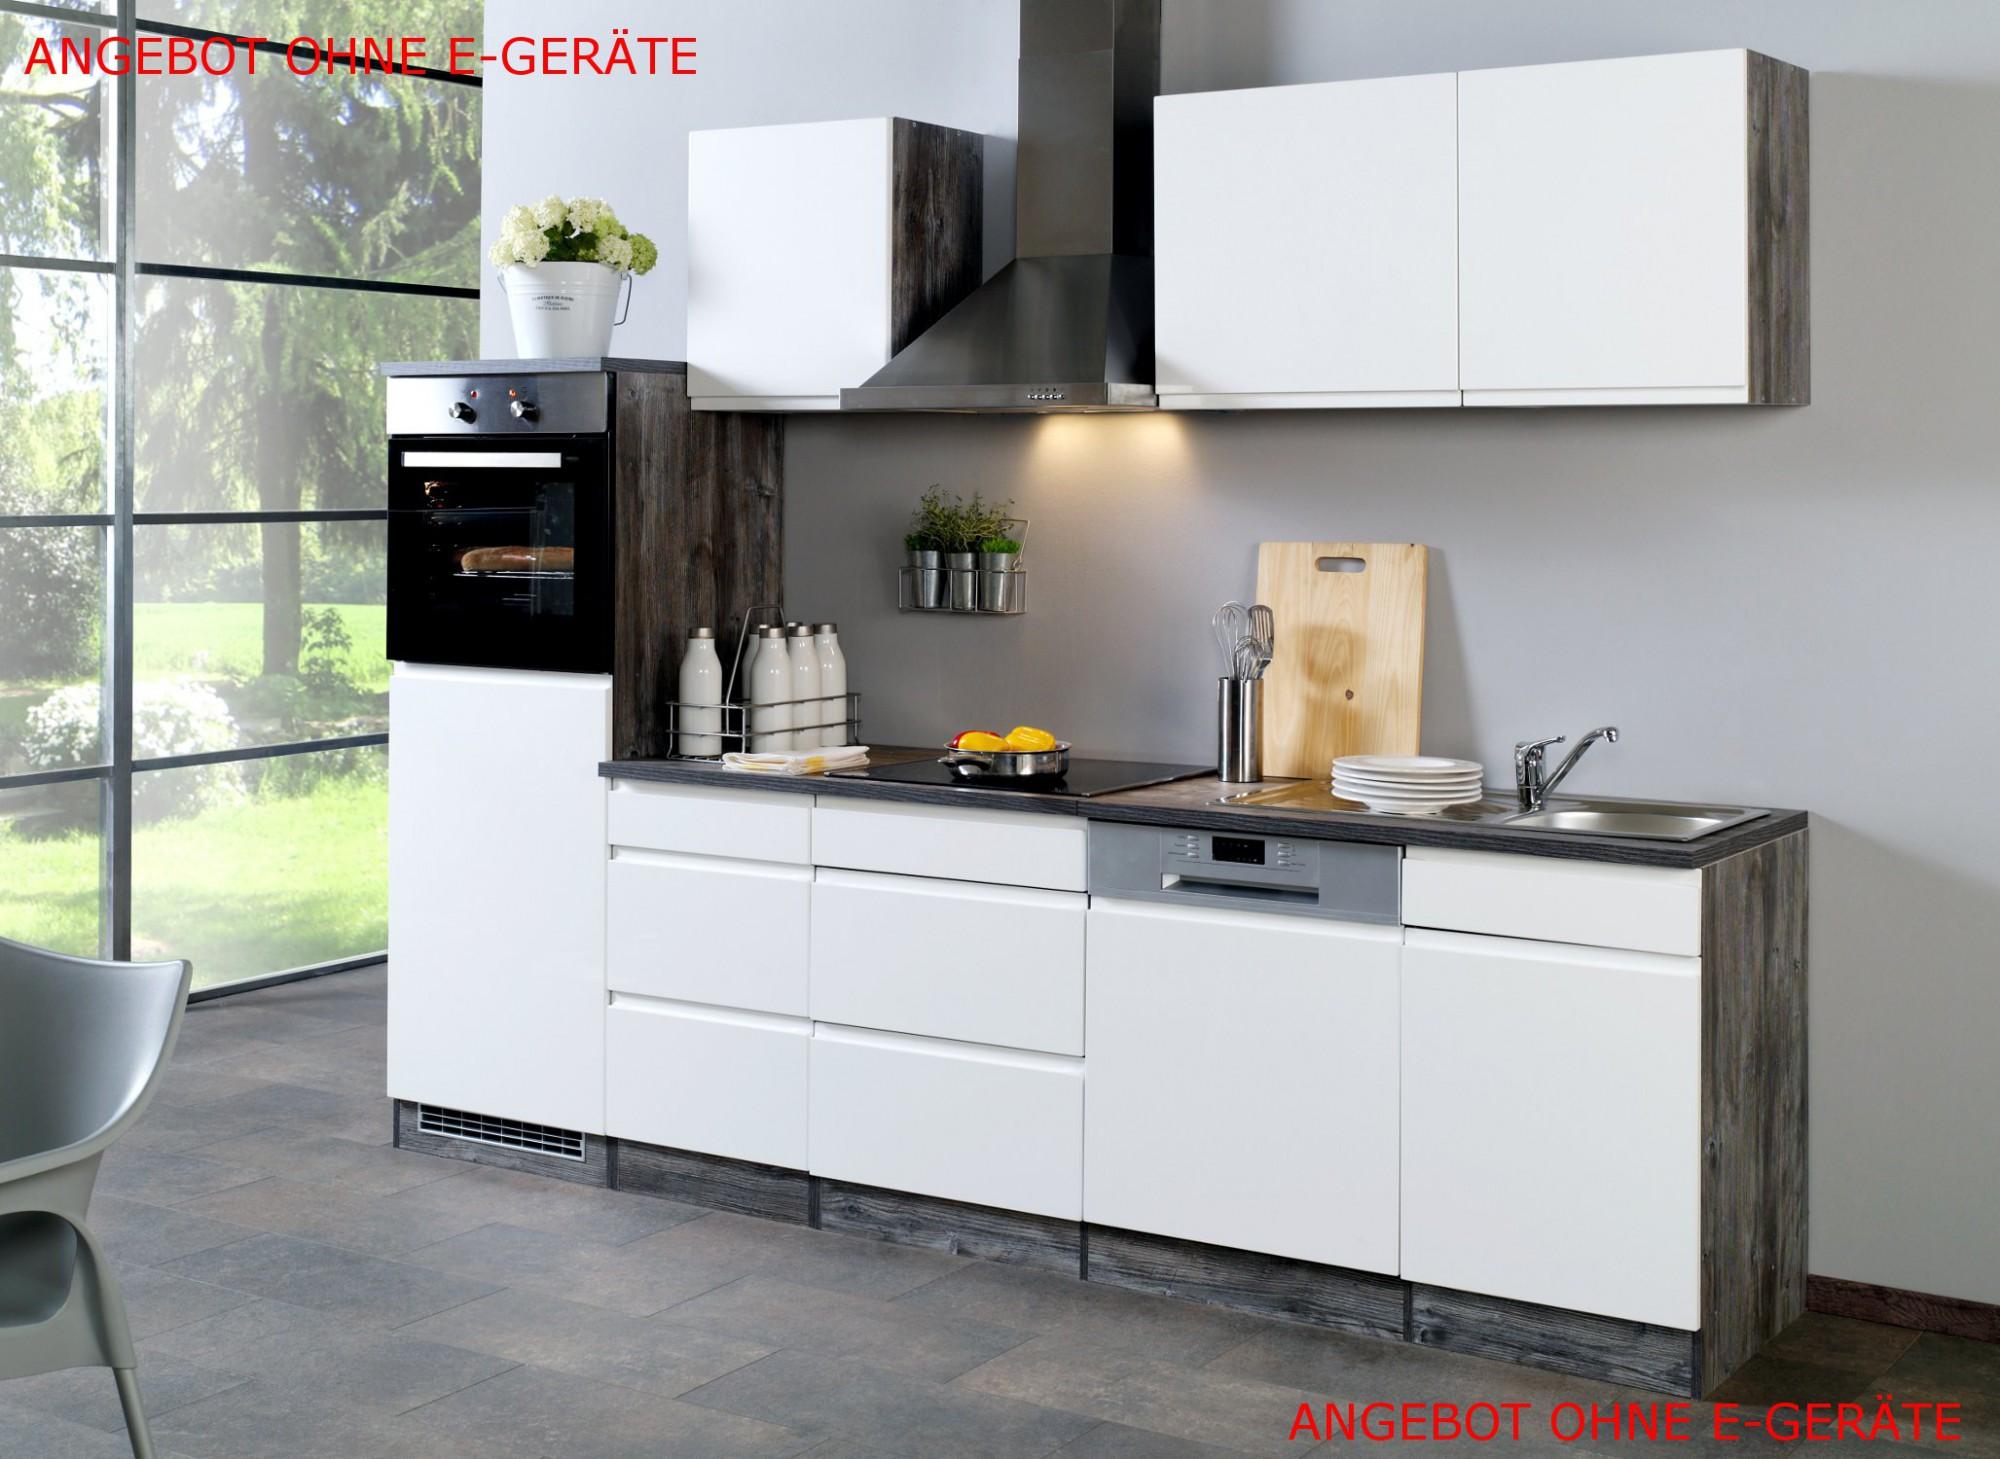 Full Size of Küche Ohne Geräte Günstig Küche Ohne Geräte Kaufen Erfahrungen U Form Küche Ohne Geräte Küche Ohne Geräte Verkaufen Küche Küche Ohne Geräte